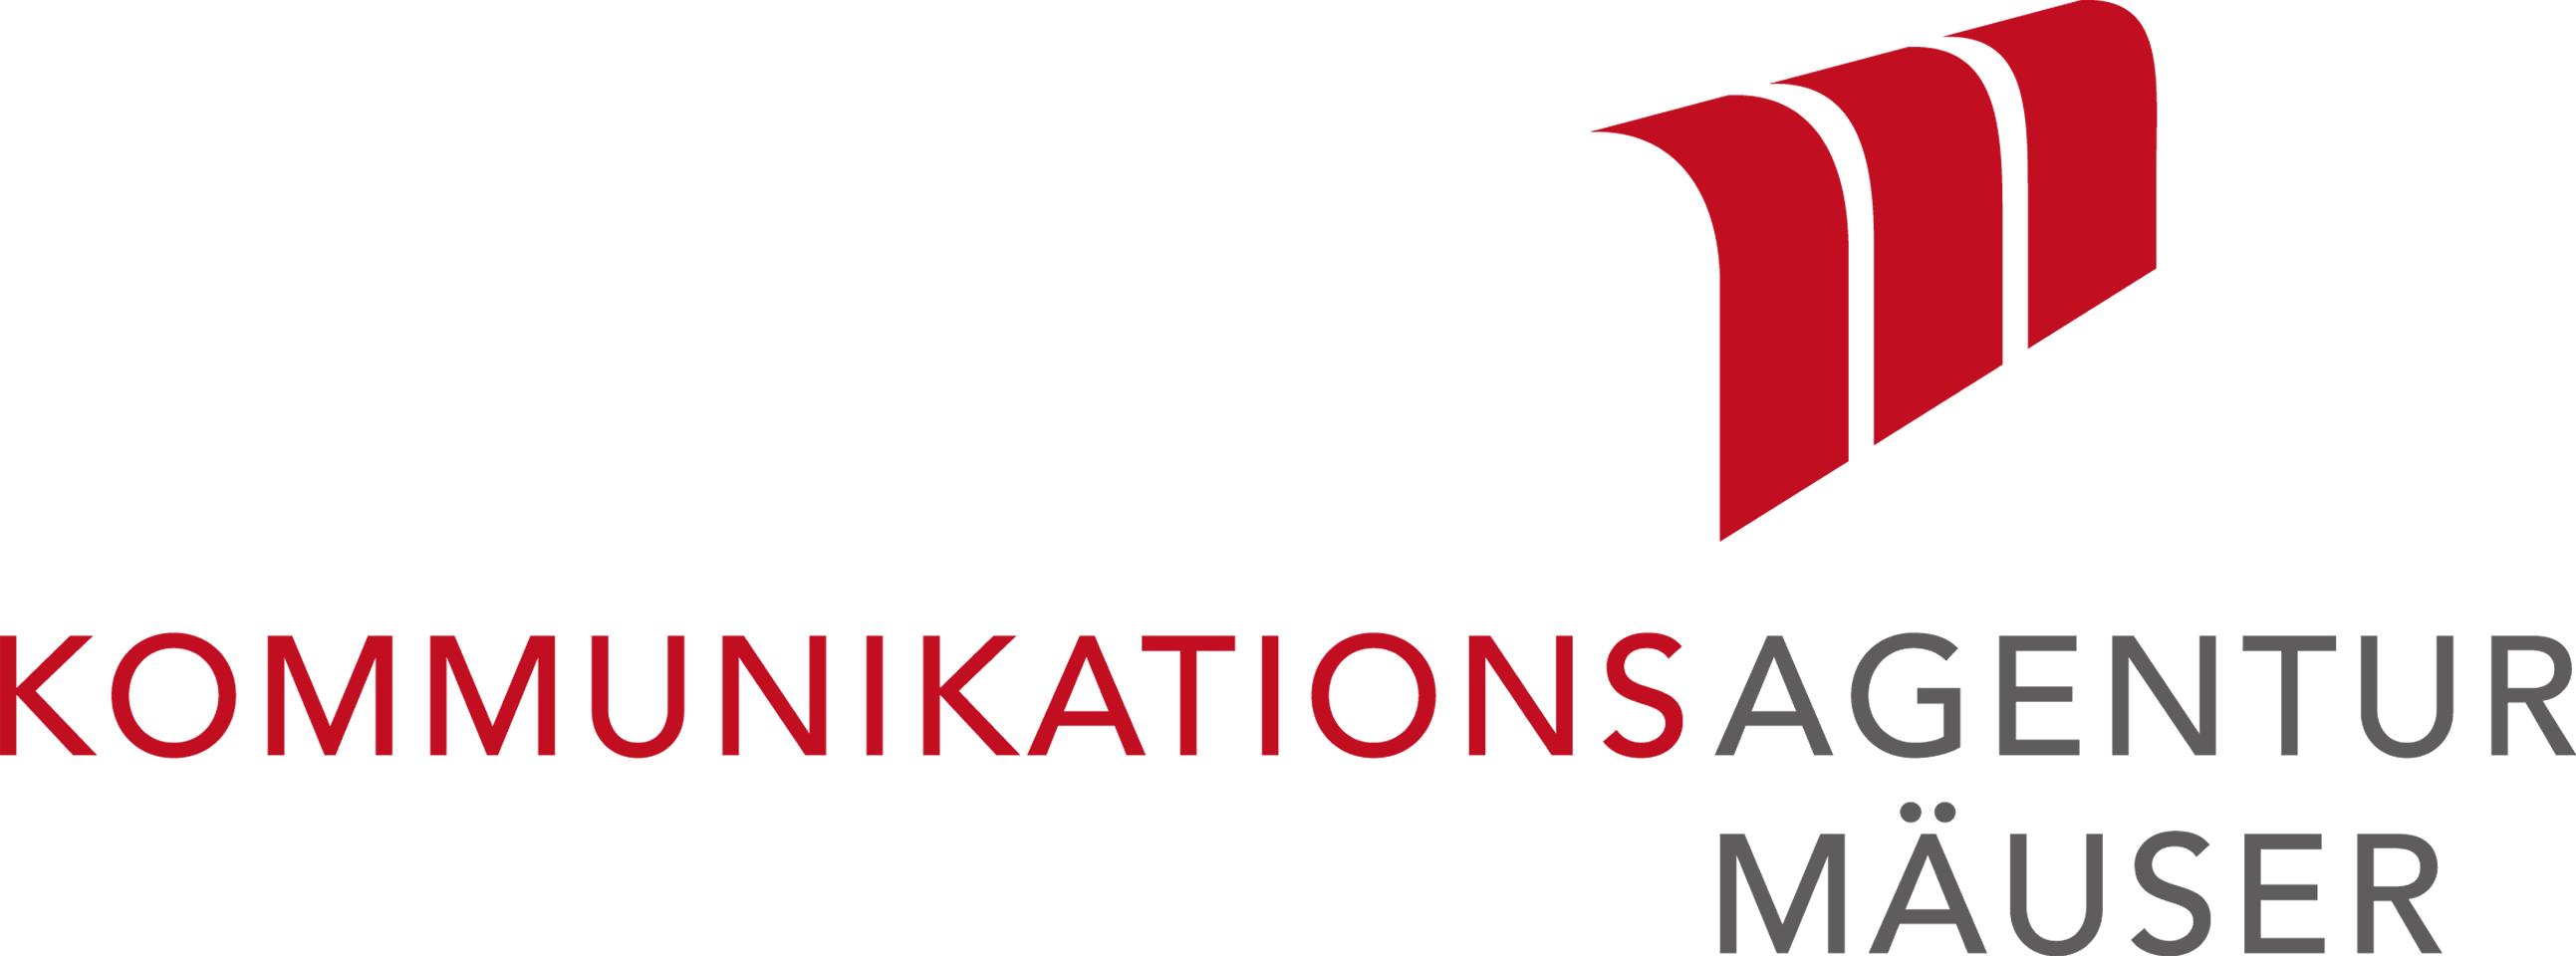 Kommunikationsagentur Mäuser Logo